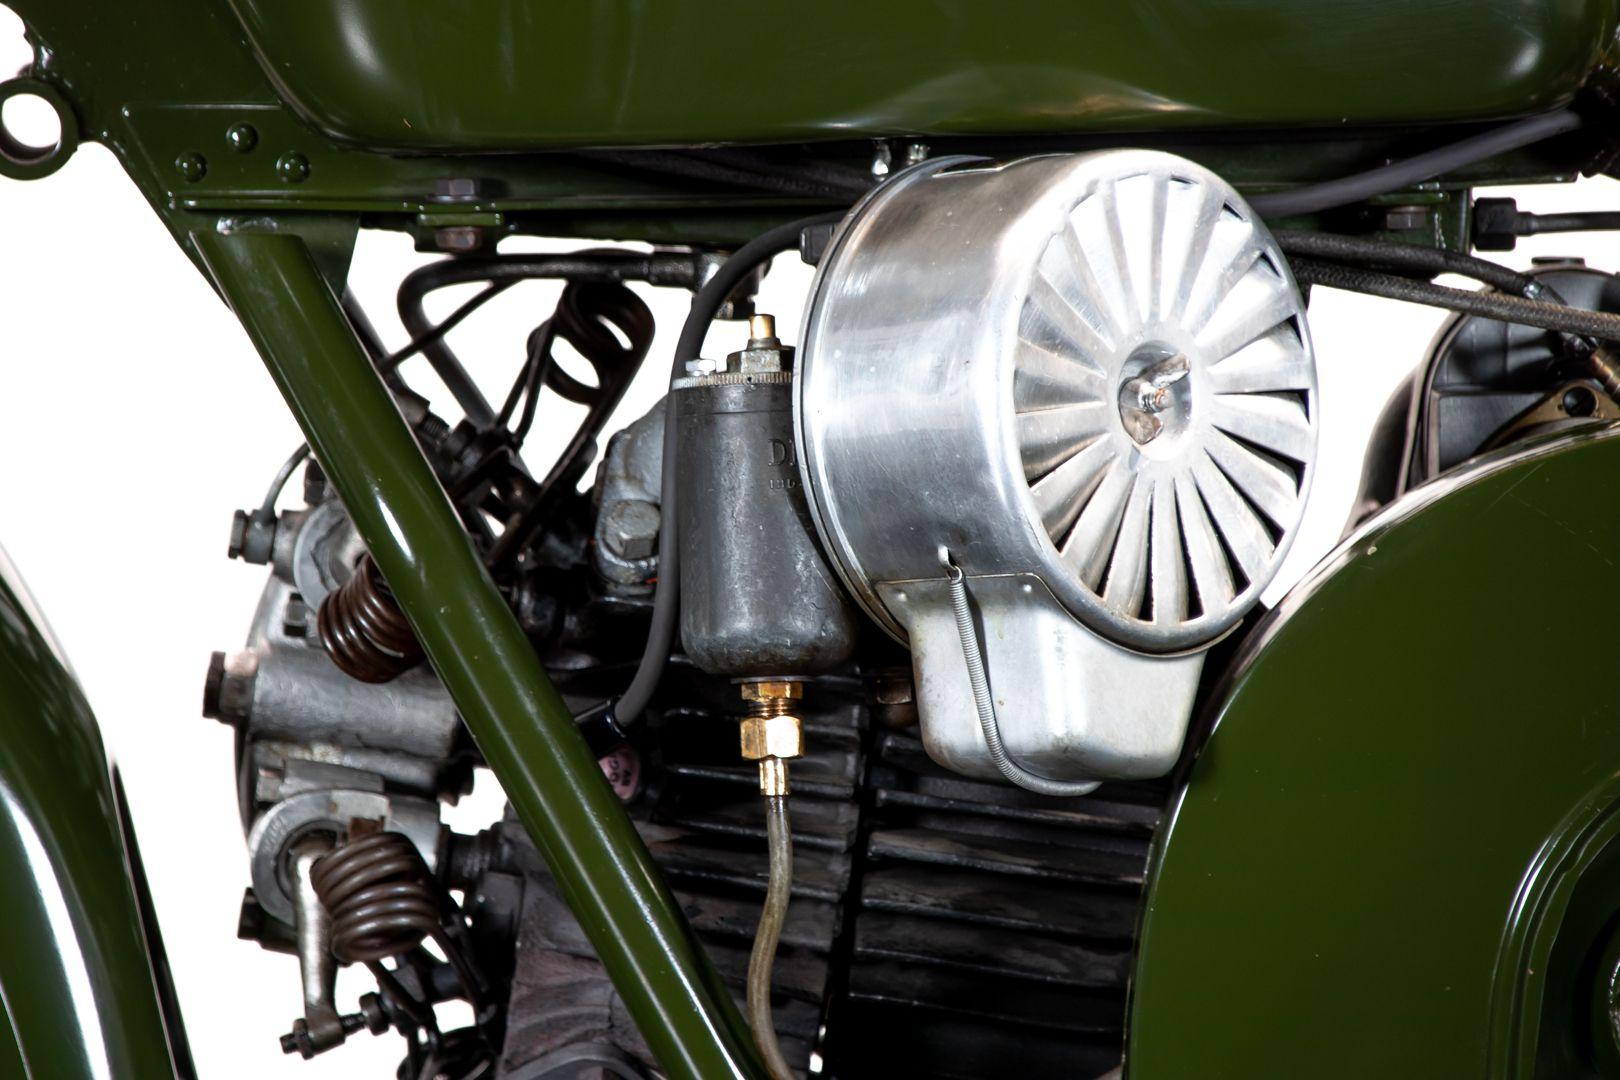 1977 Moto Guzzi 500 Super Alce 59435